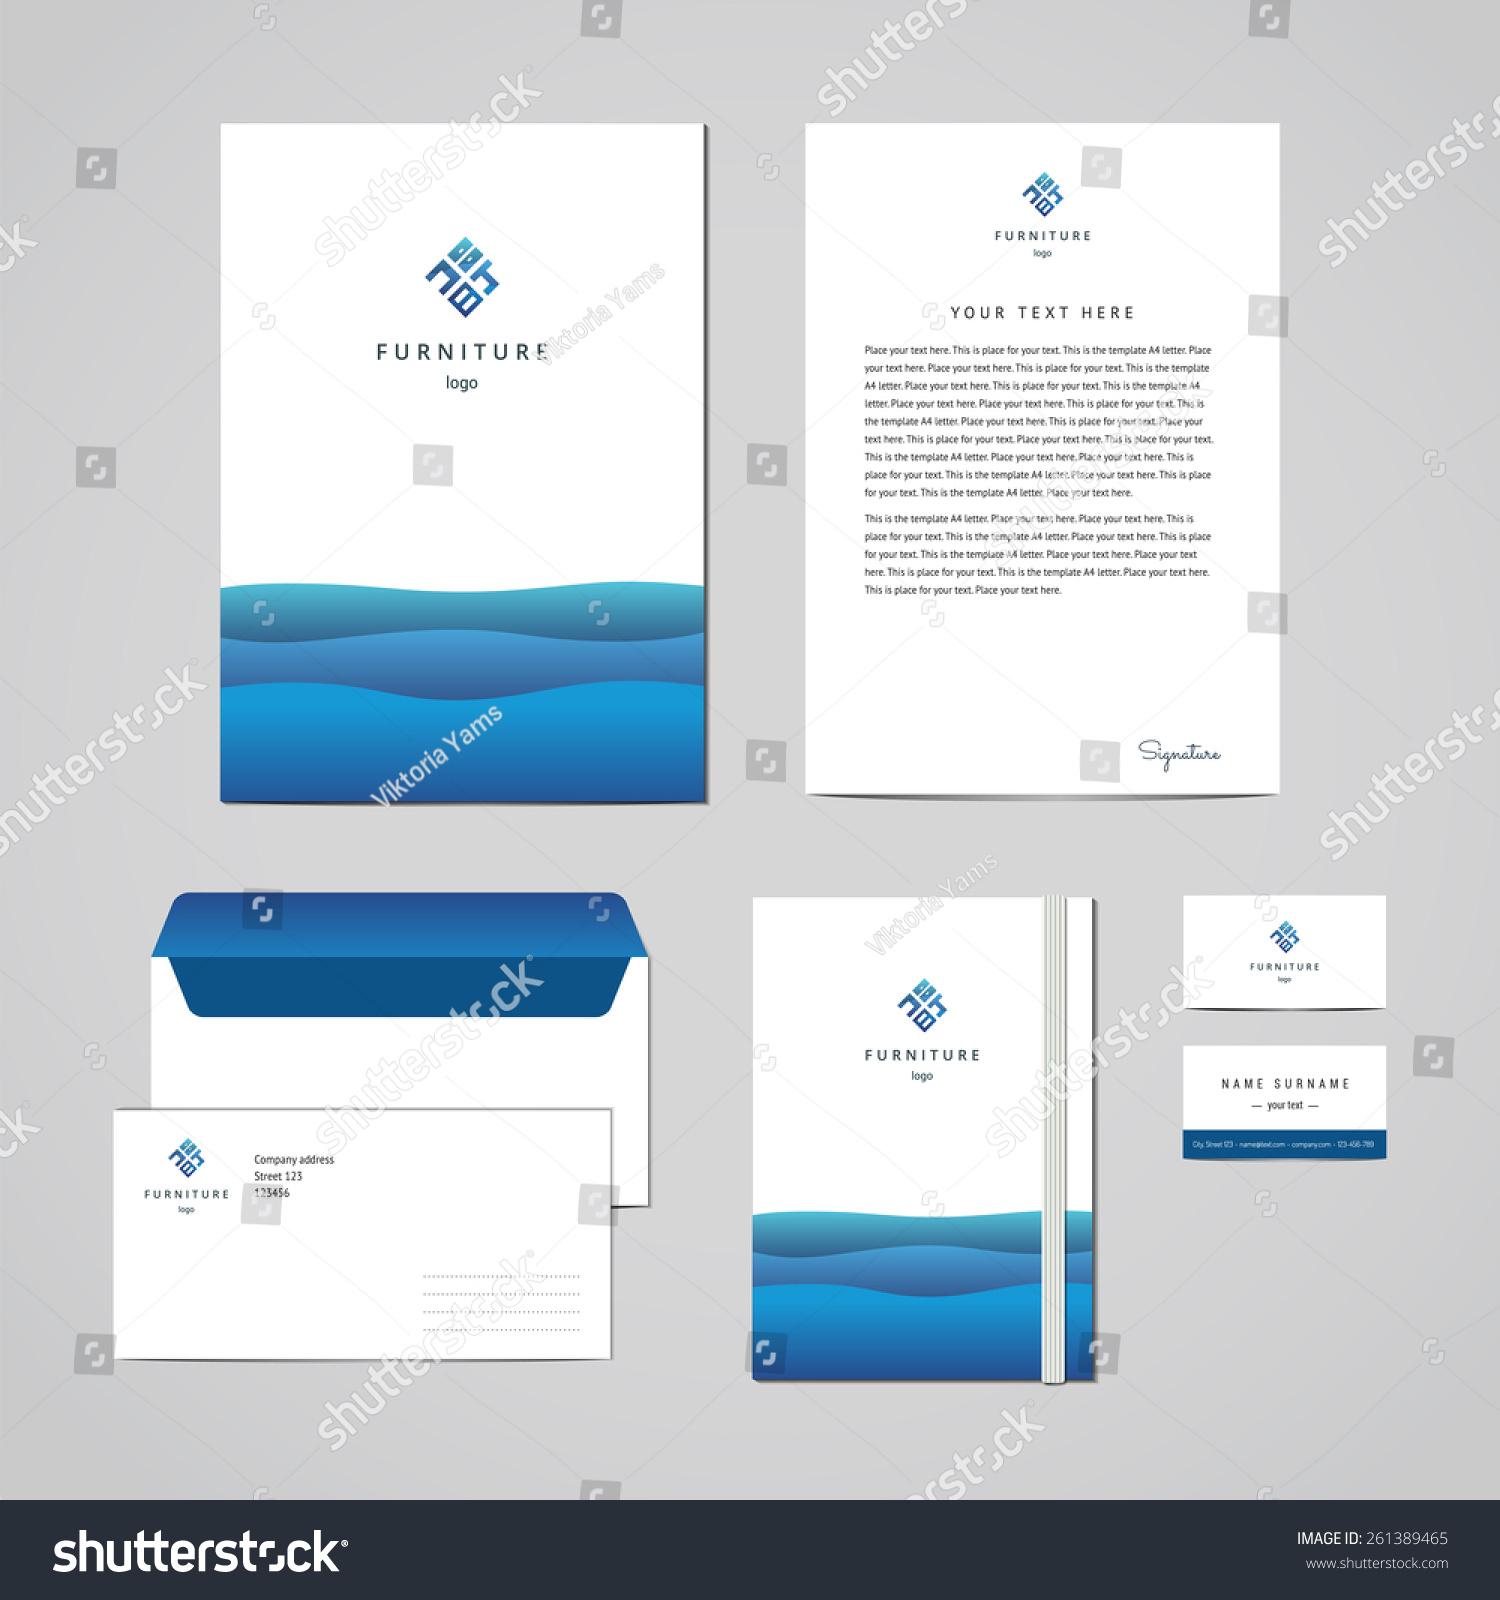 Corporate Identity Furniture Company Blue Design Stock Vector ...